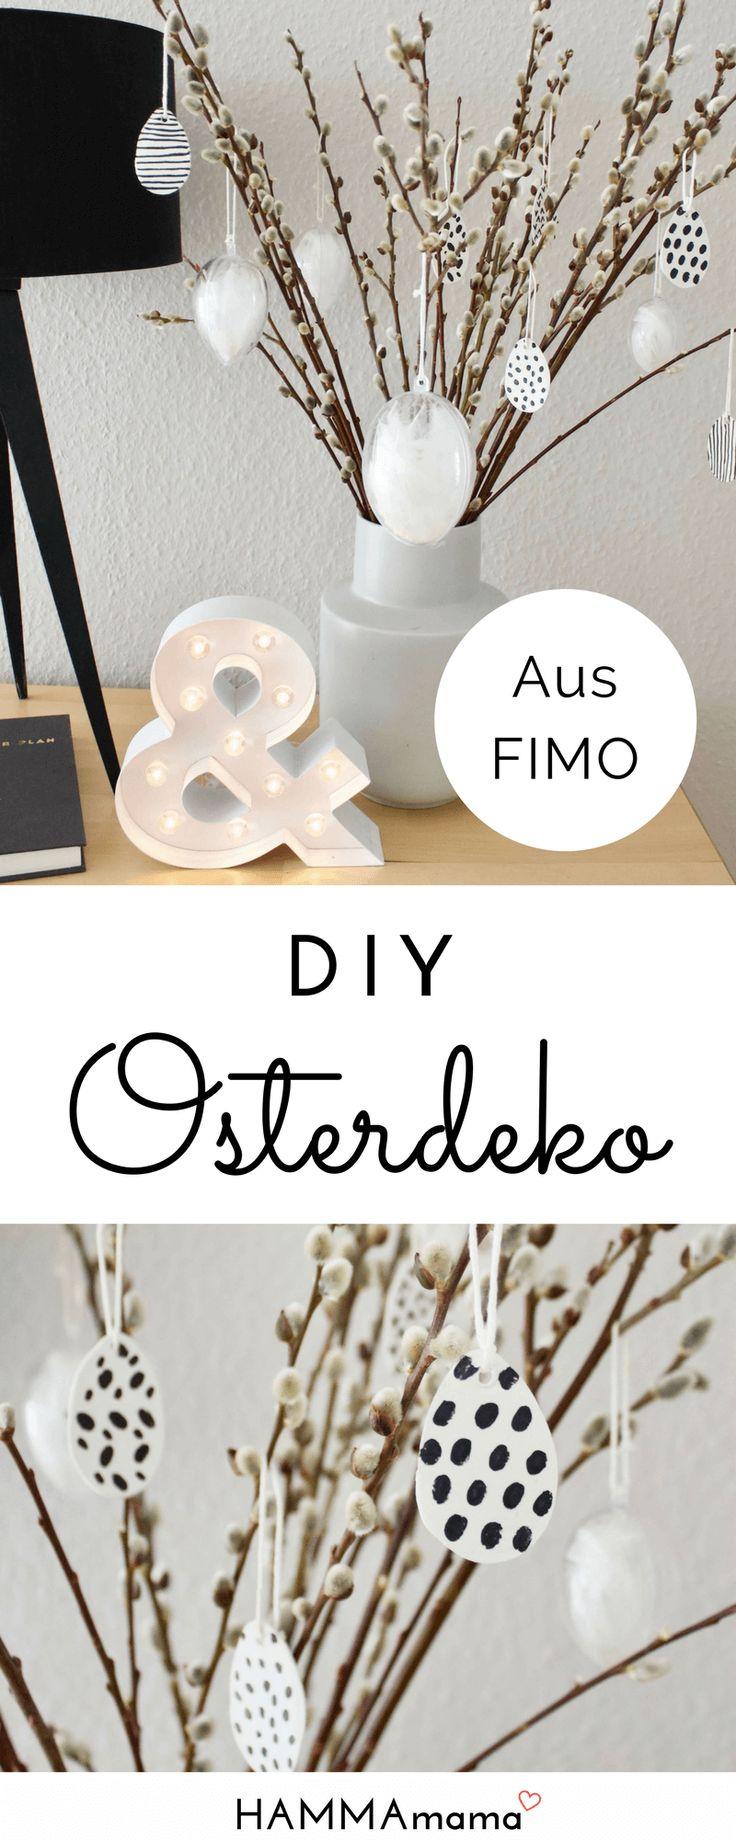 DIY-Ostereier zum Aufhängen ° Skandinavische Deko für Ostern selber machen